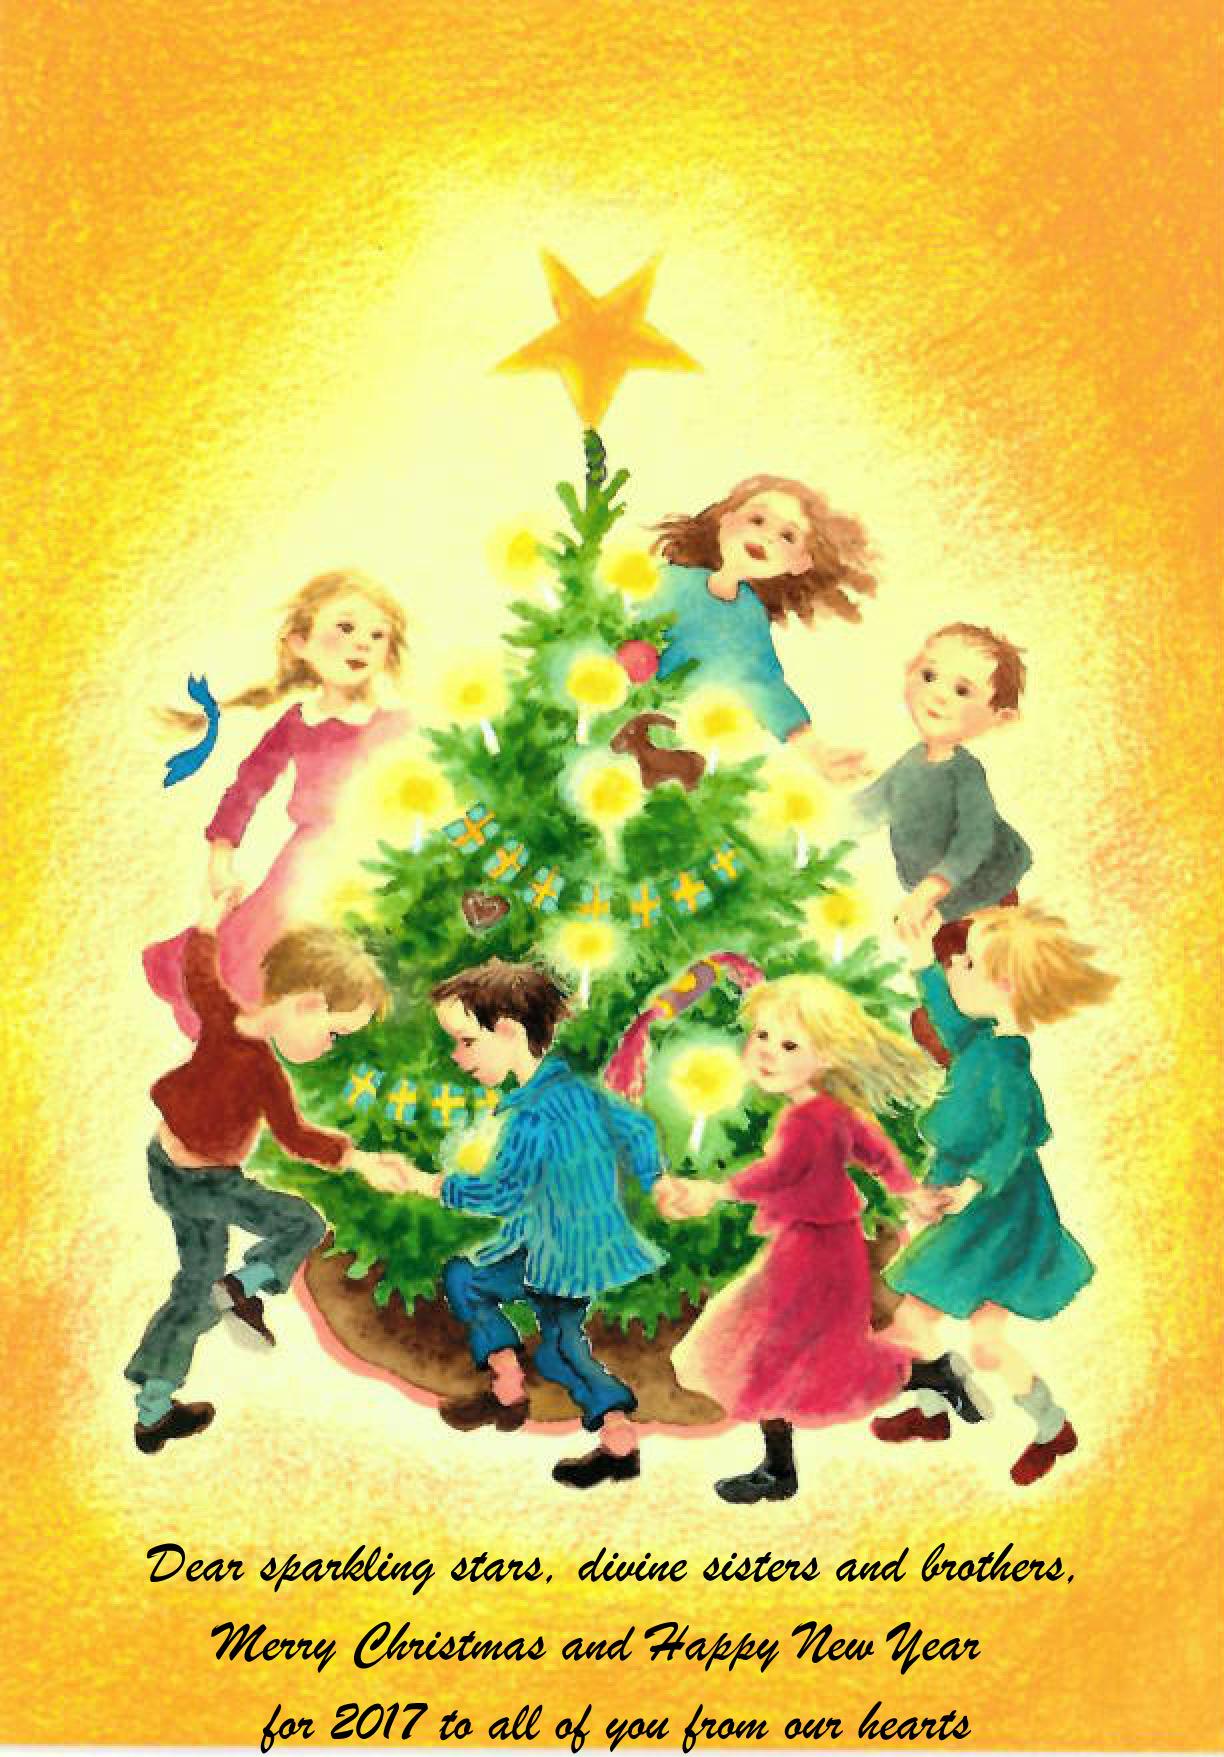 Frohe Festtage und ein glückliches Neues Jahr 2017 – Avyakt Bapdada Live